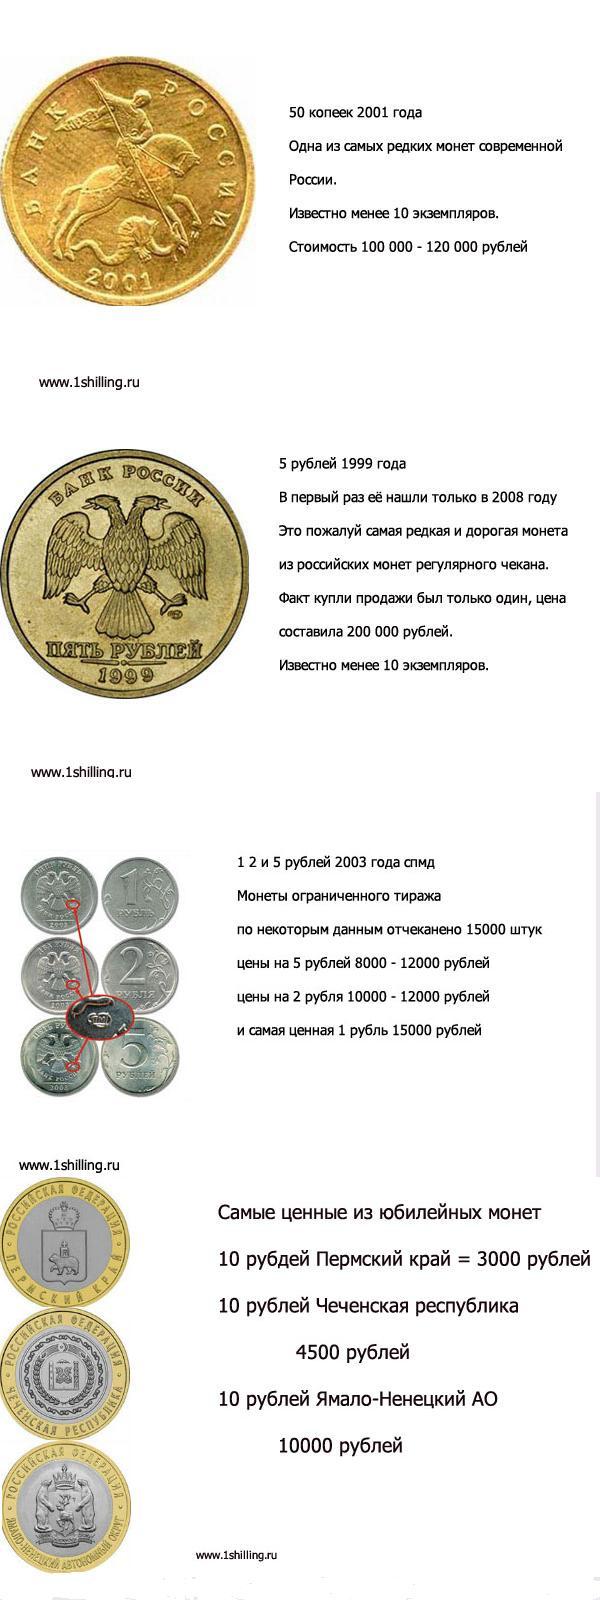 редкие монеты современной россии - Изображение 1